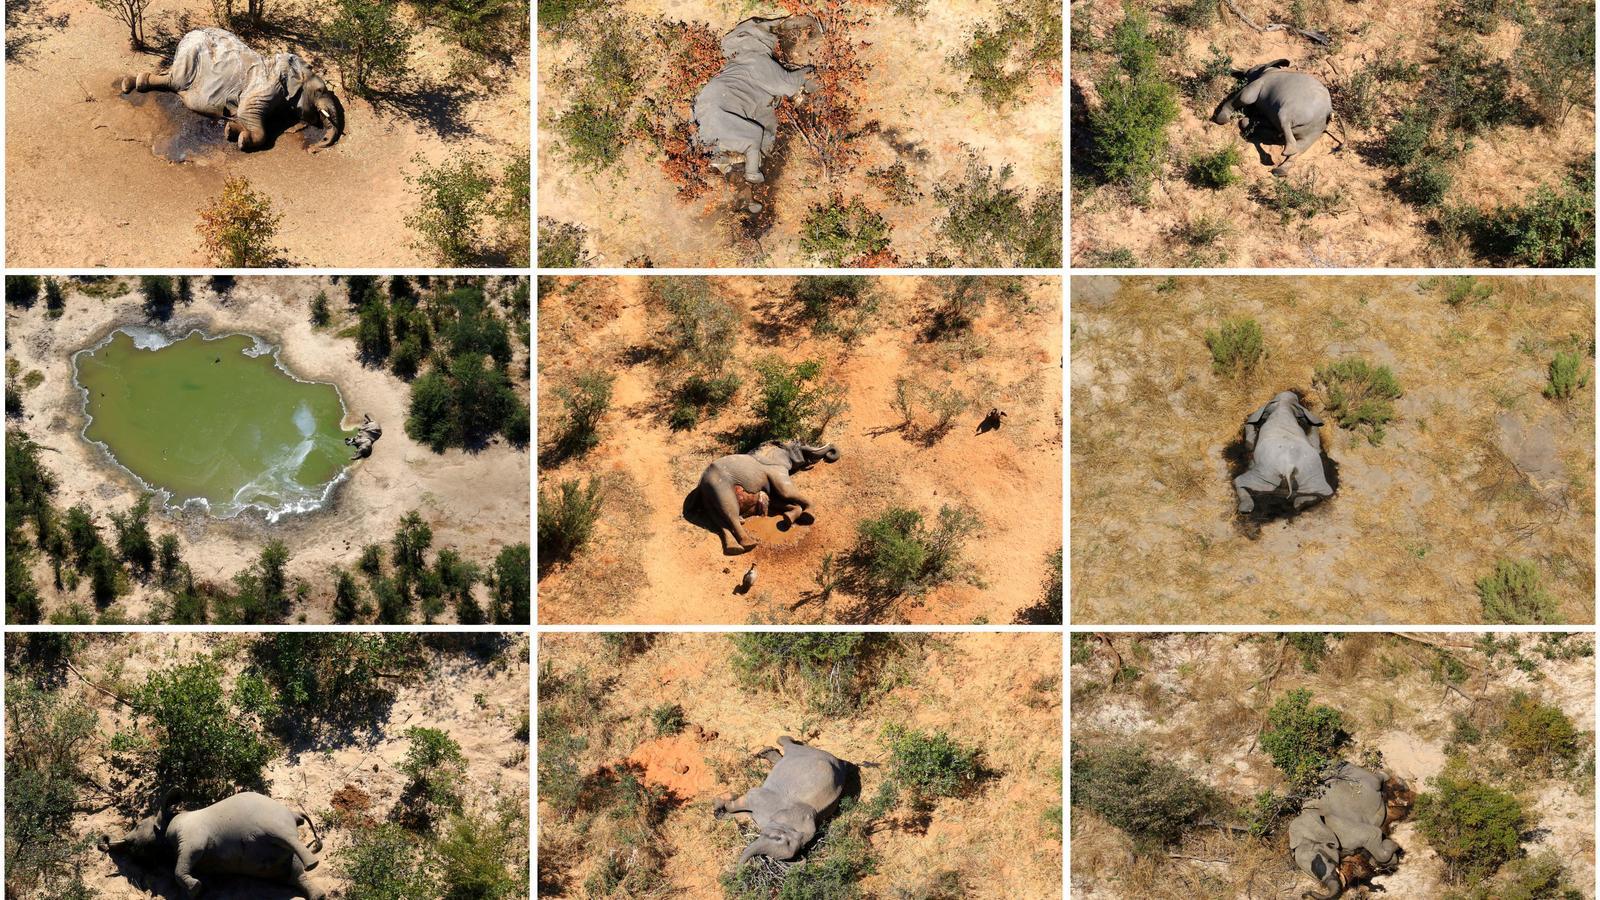 Imatges de cadàvers d'elefants detectats al delta del riu Okavango a Botswana, entre març i juny del 2020.